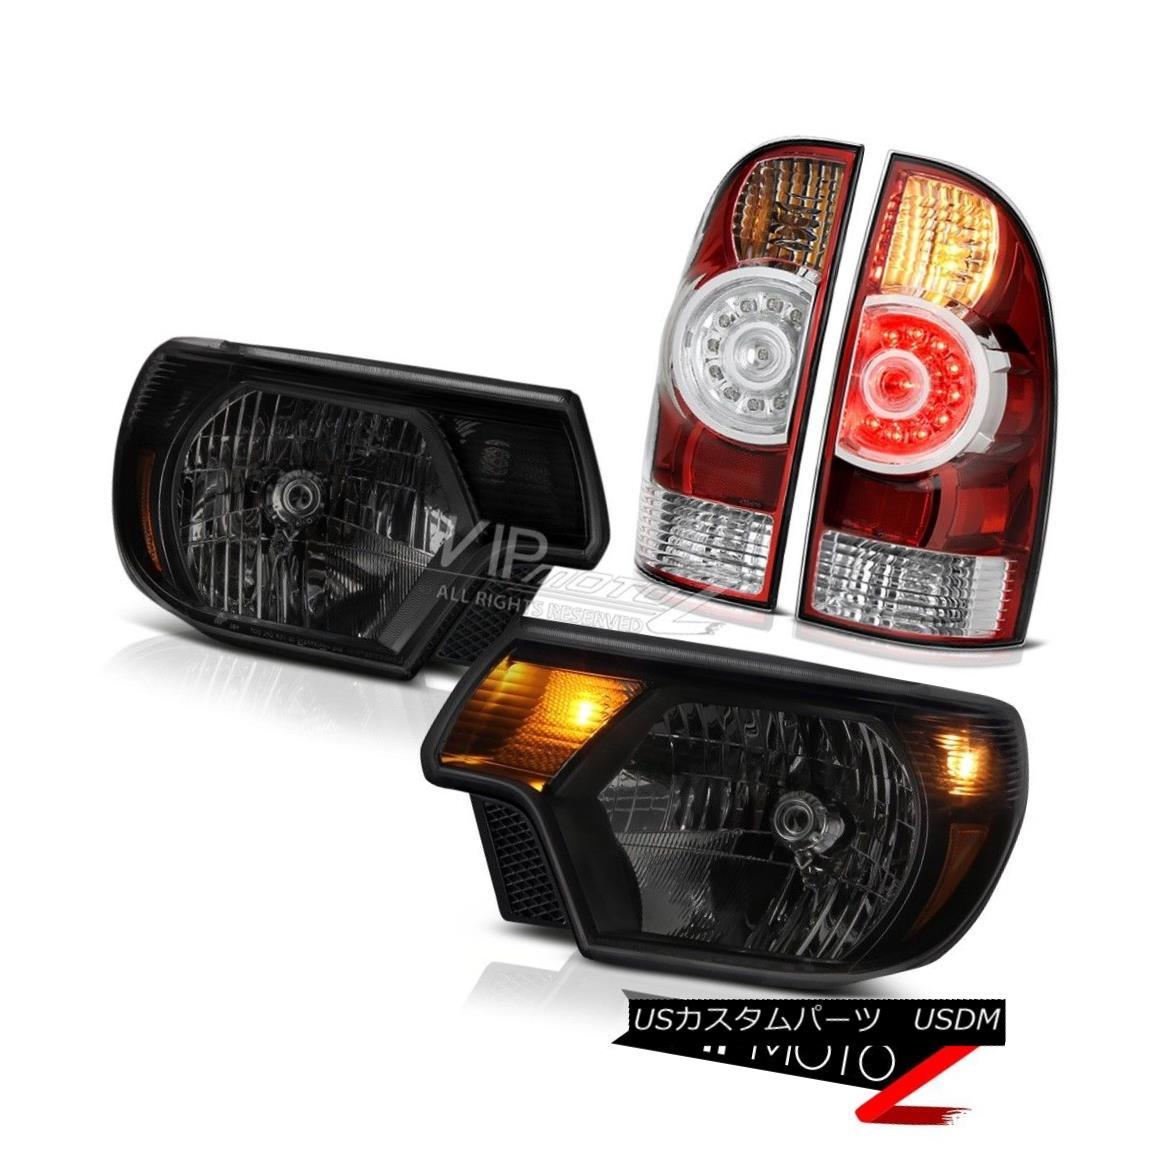 テールライト 2012 2013 2014 2015 Toyota Tacoma 4WD Dark tinted headlamps rosso red taillights 2012 2013 2014 2015トヨタタコマ4WDダークテールヘッドランプロッソ赤色テールライト